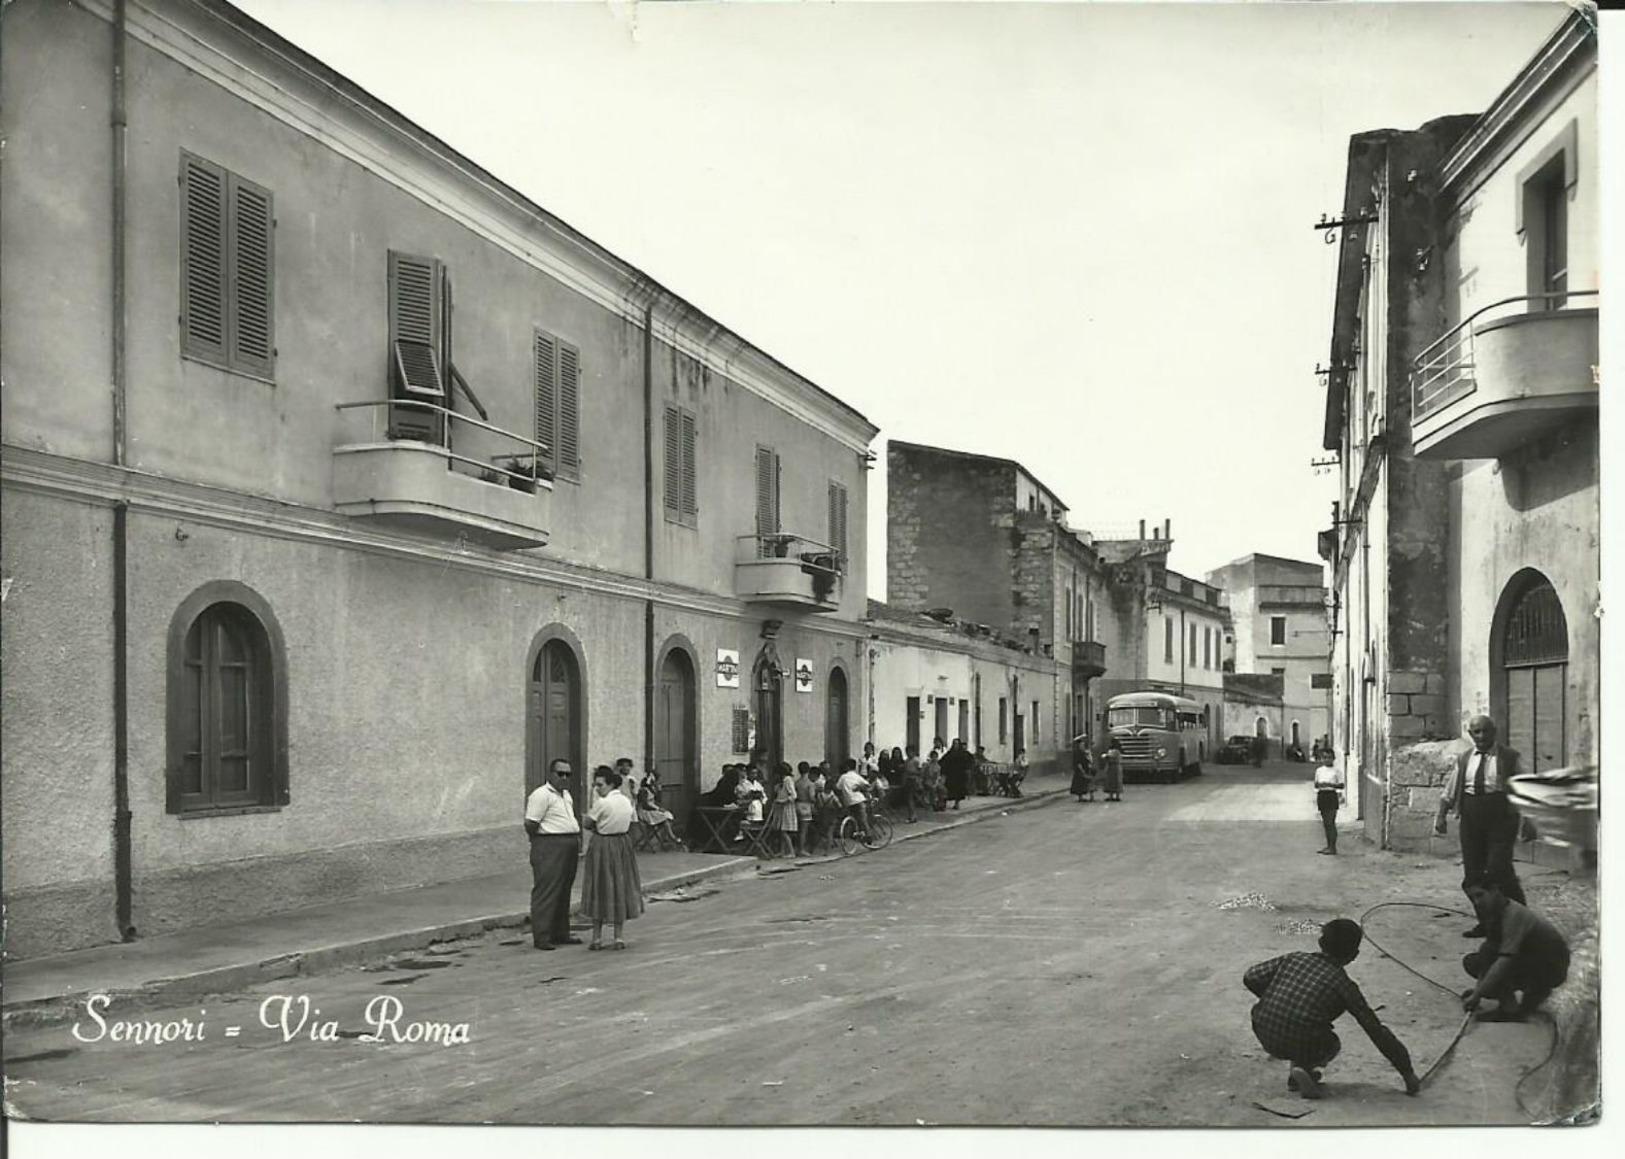 SENNORI SASSARI Via Roma Splendida Con Corriera  F/g Anni 50 Ma Viaggiata Nel 1960 - Sassari